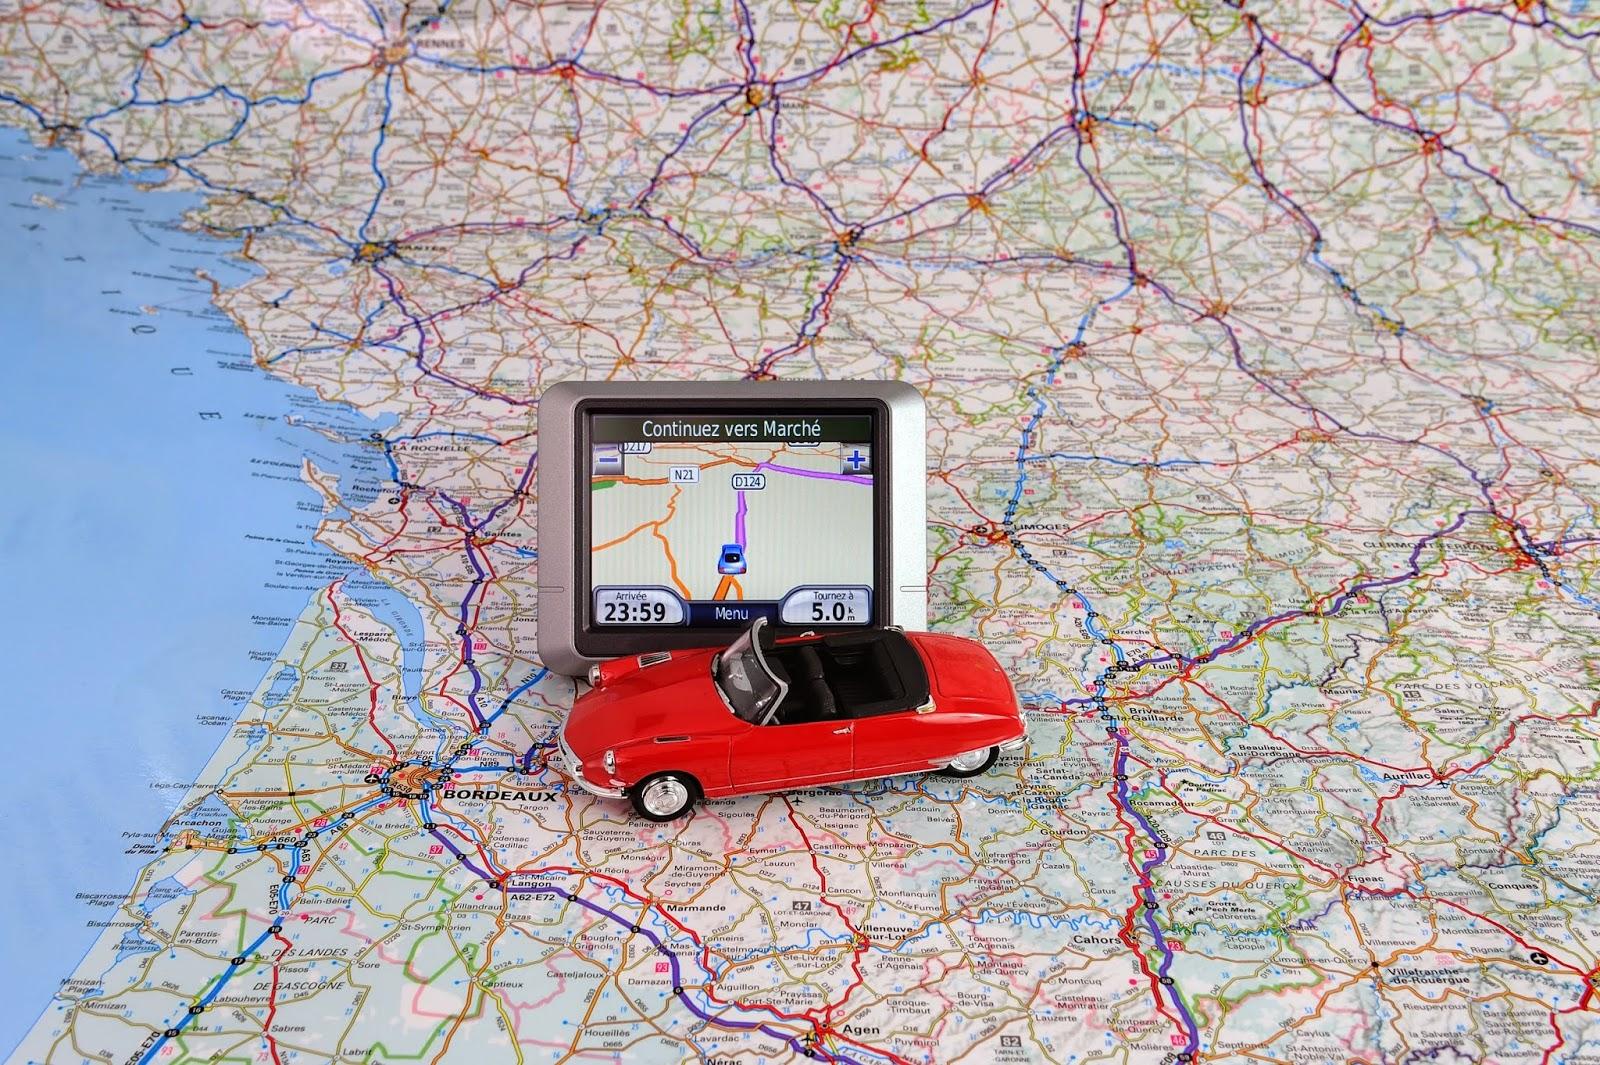 Seguridad Vial y Movilidad en la Union Europea - viajar al extranjero